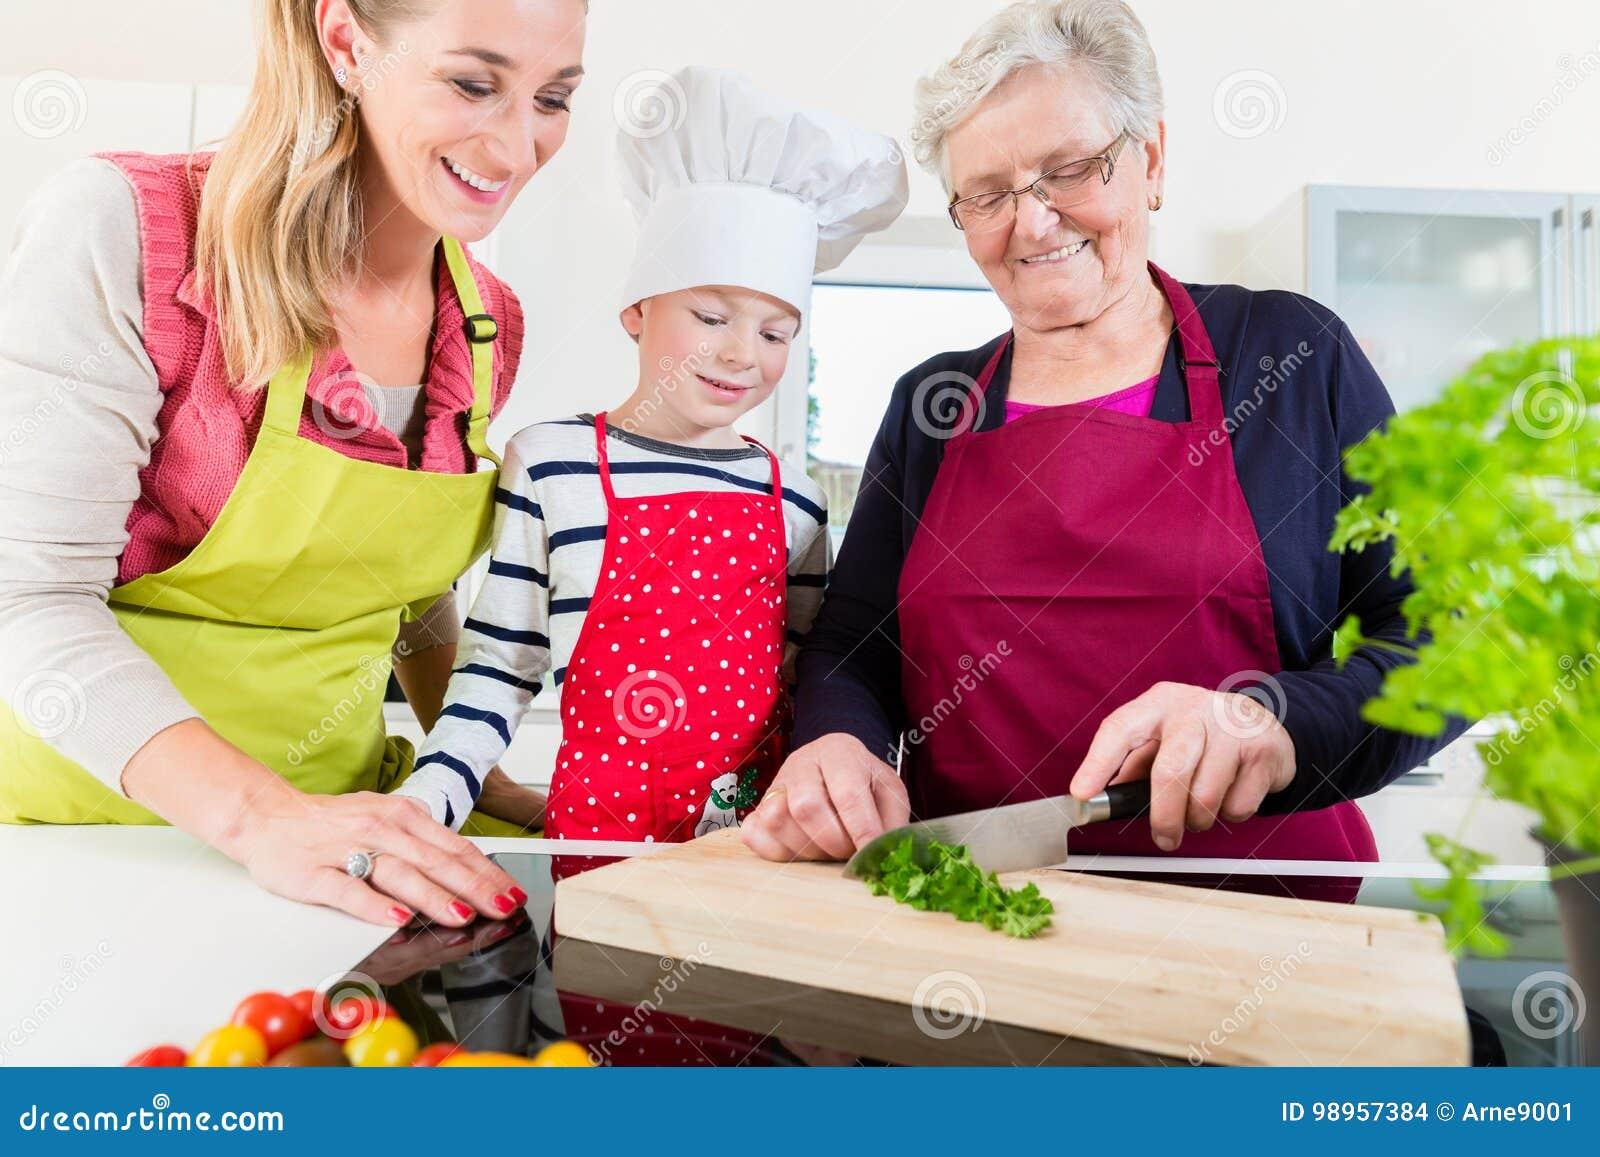 Oma zeigt der Enkelin ihr Sexspielzeug